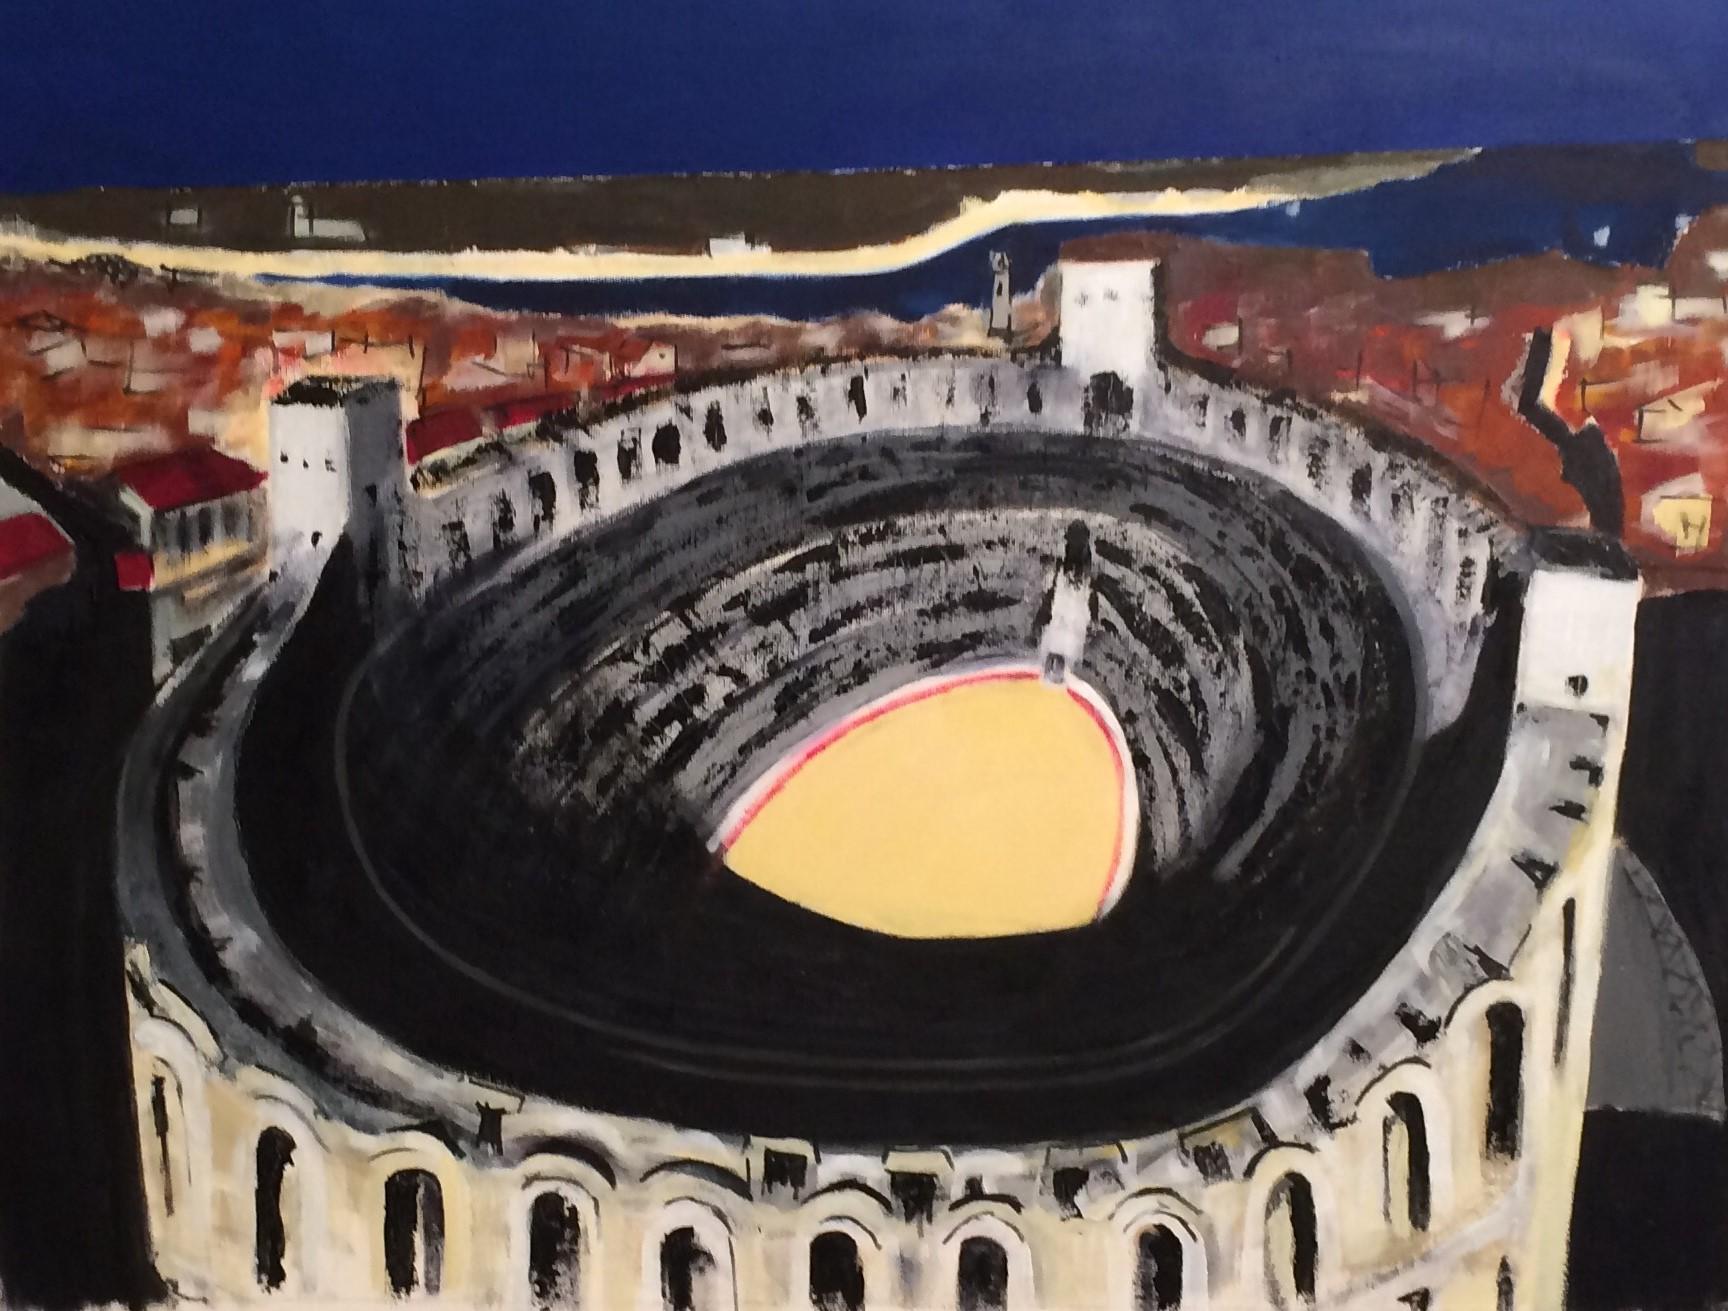 N°3301 - Arles, En attendant la feria - Acrylique sur toile - 89 x 116 cm - 10 mai 2017